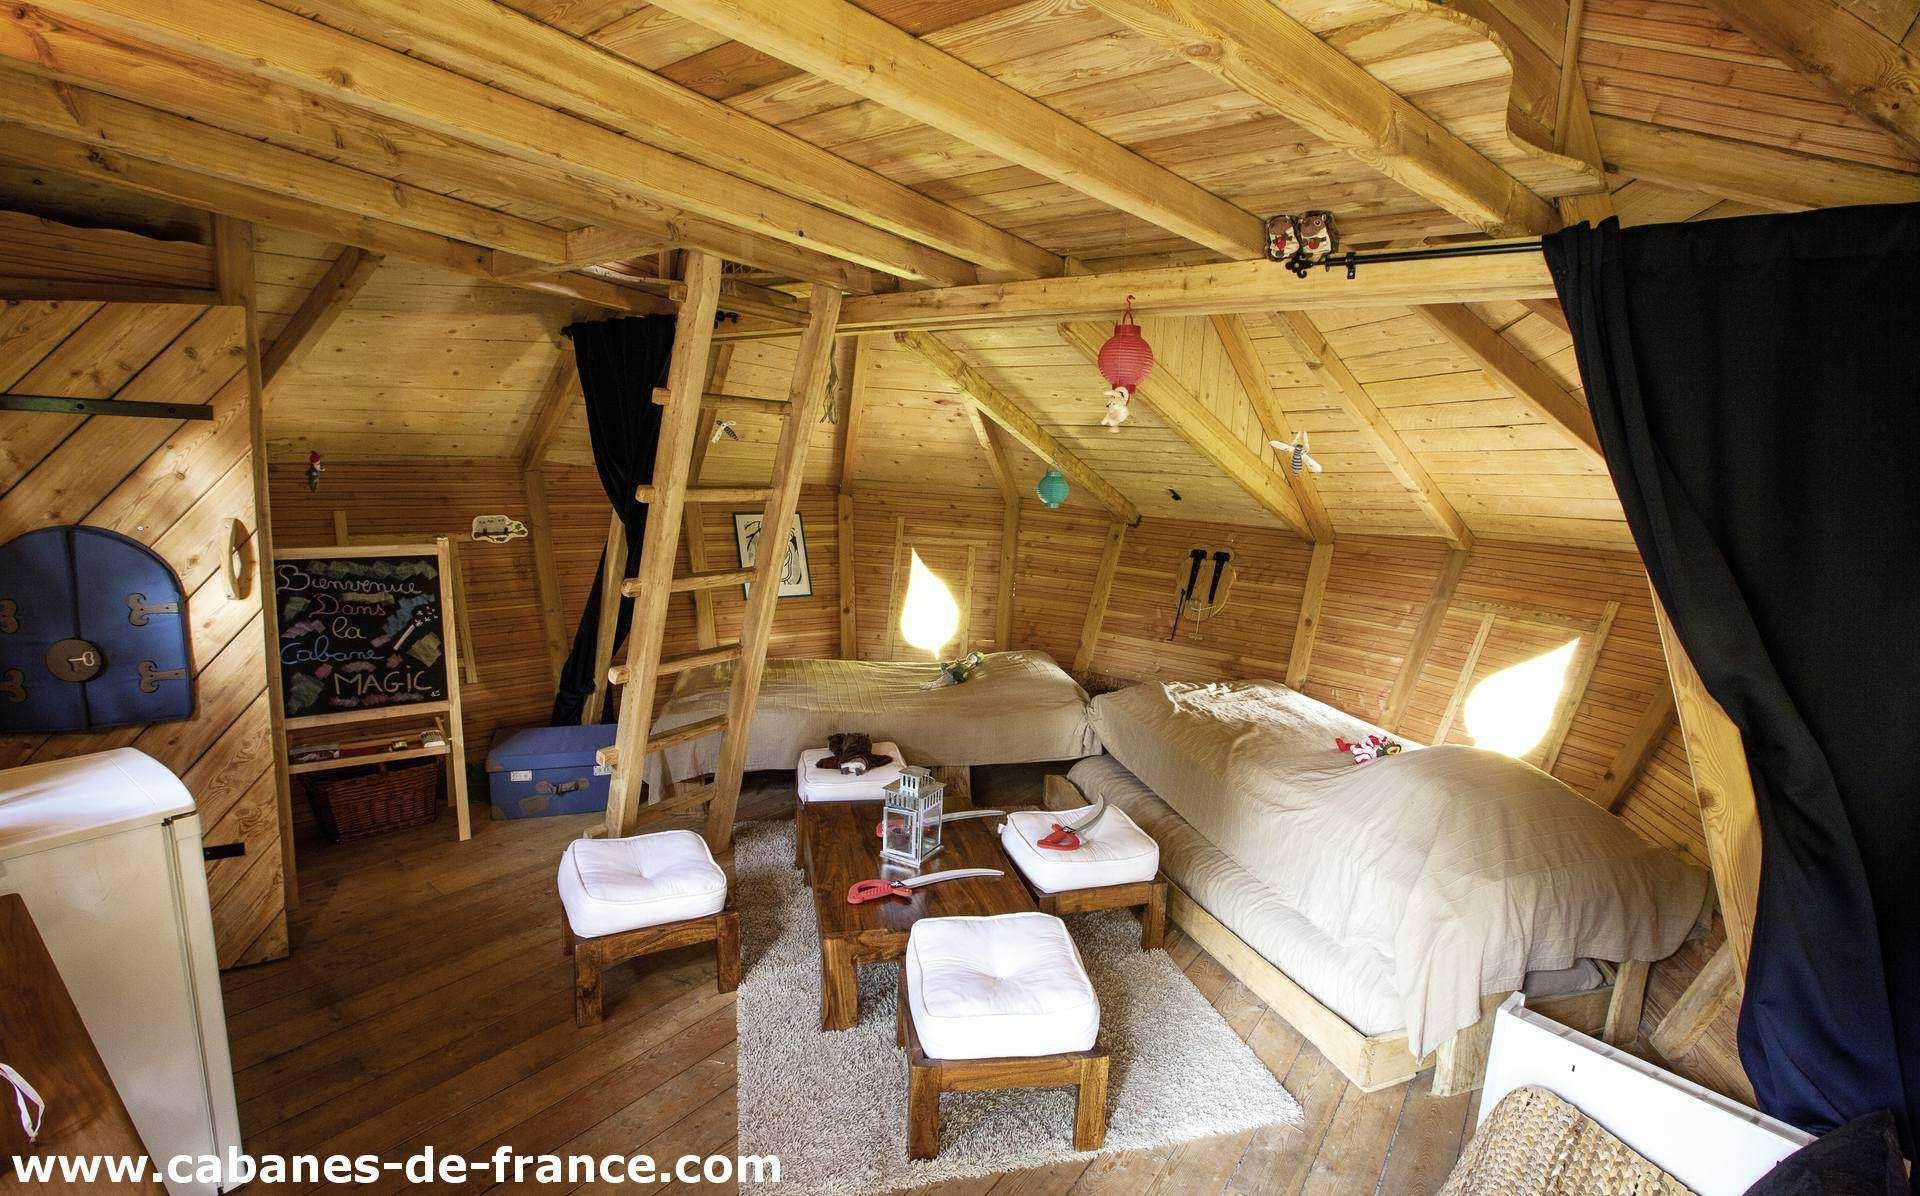 cabane magic maisons laffitte cabane sur pilotis en ile de france cabanes de france. Black Bedroom Furniture Sets. Home Design Ideas